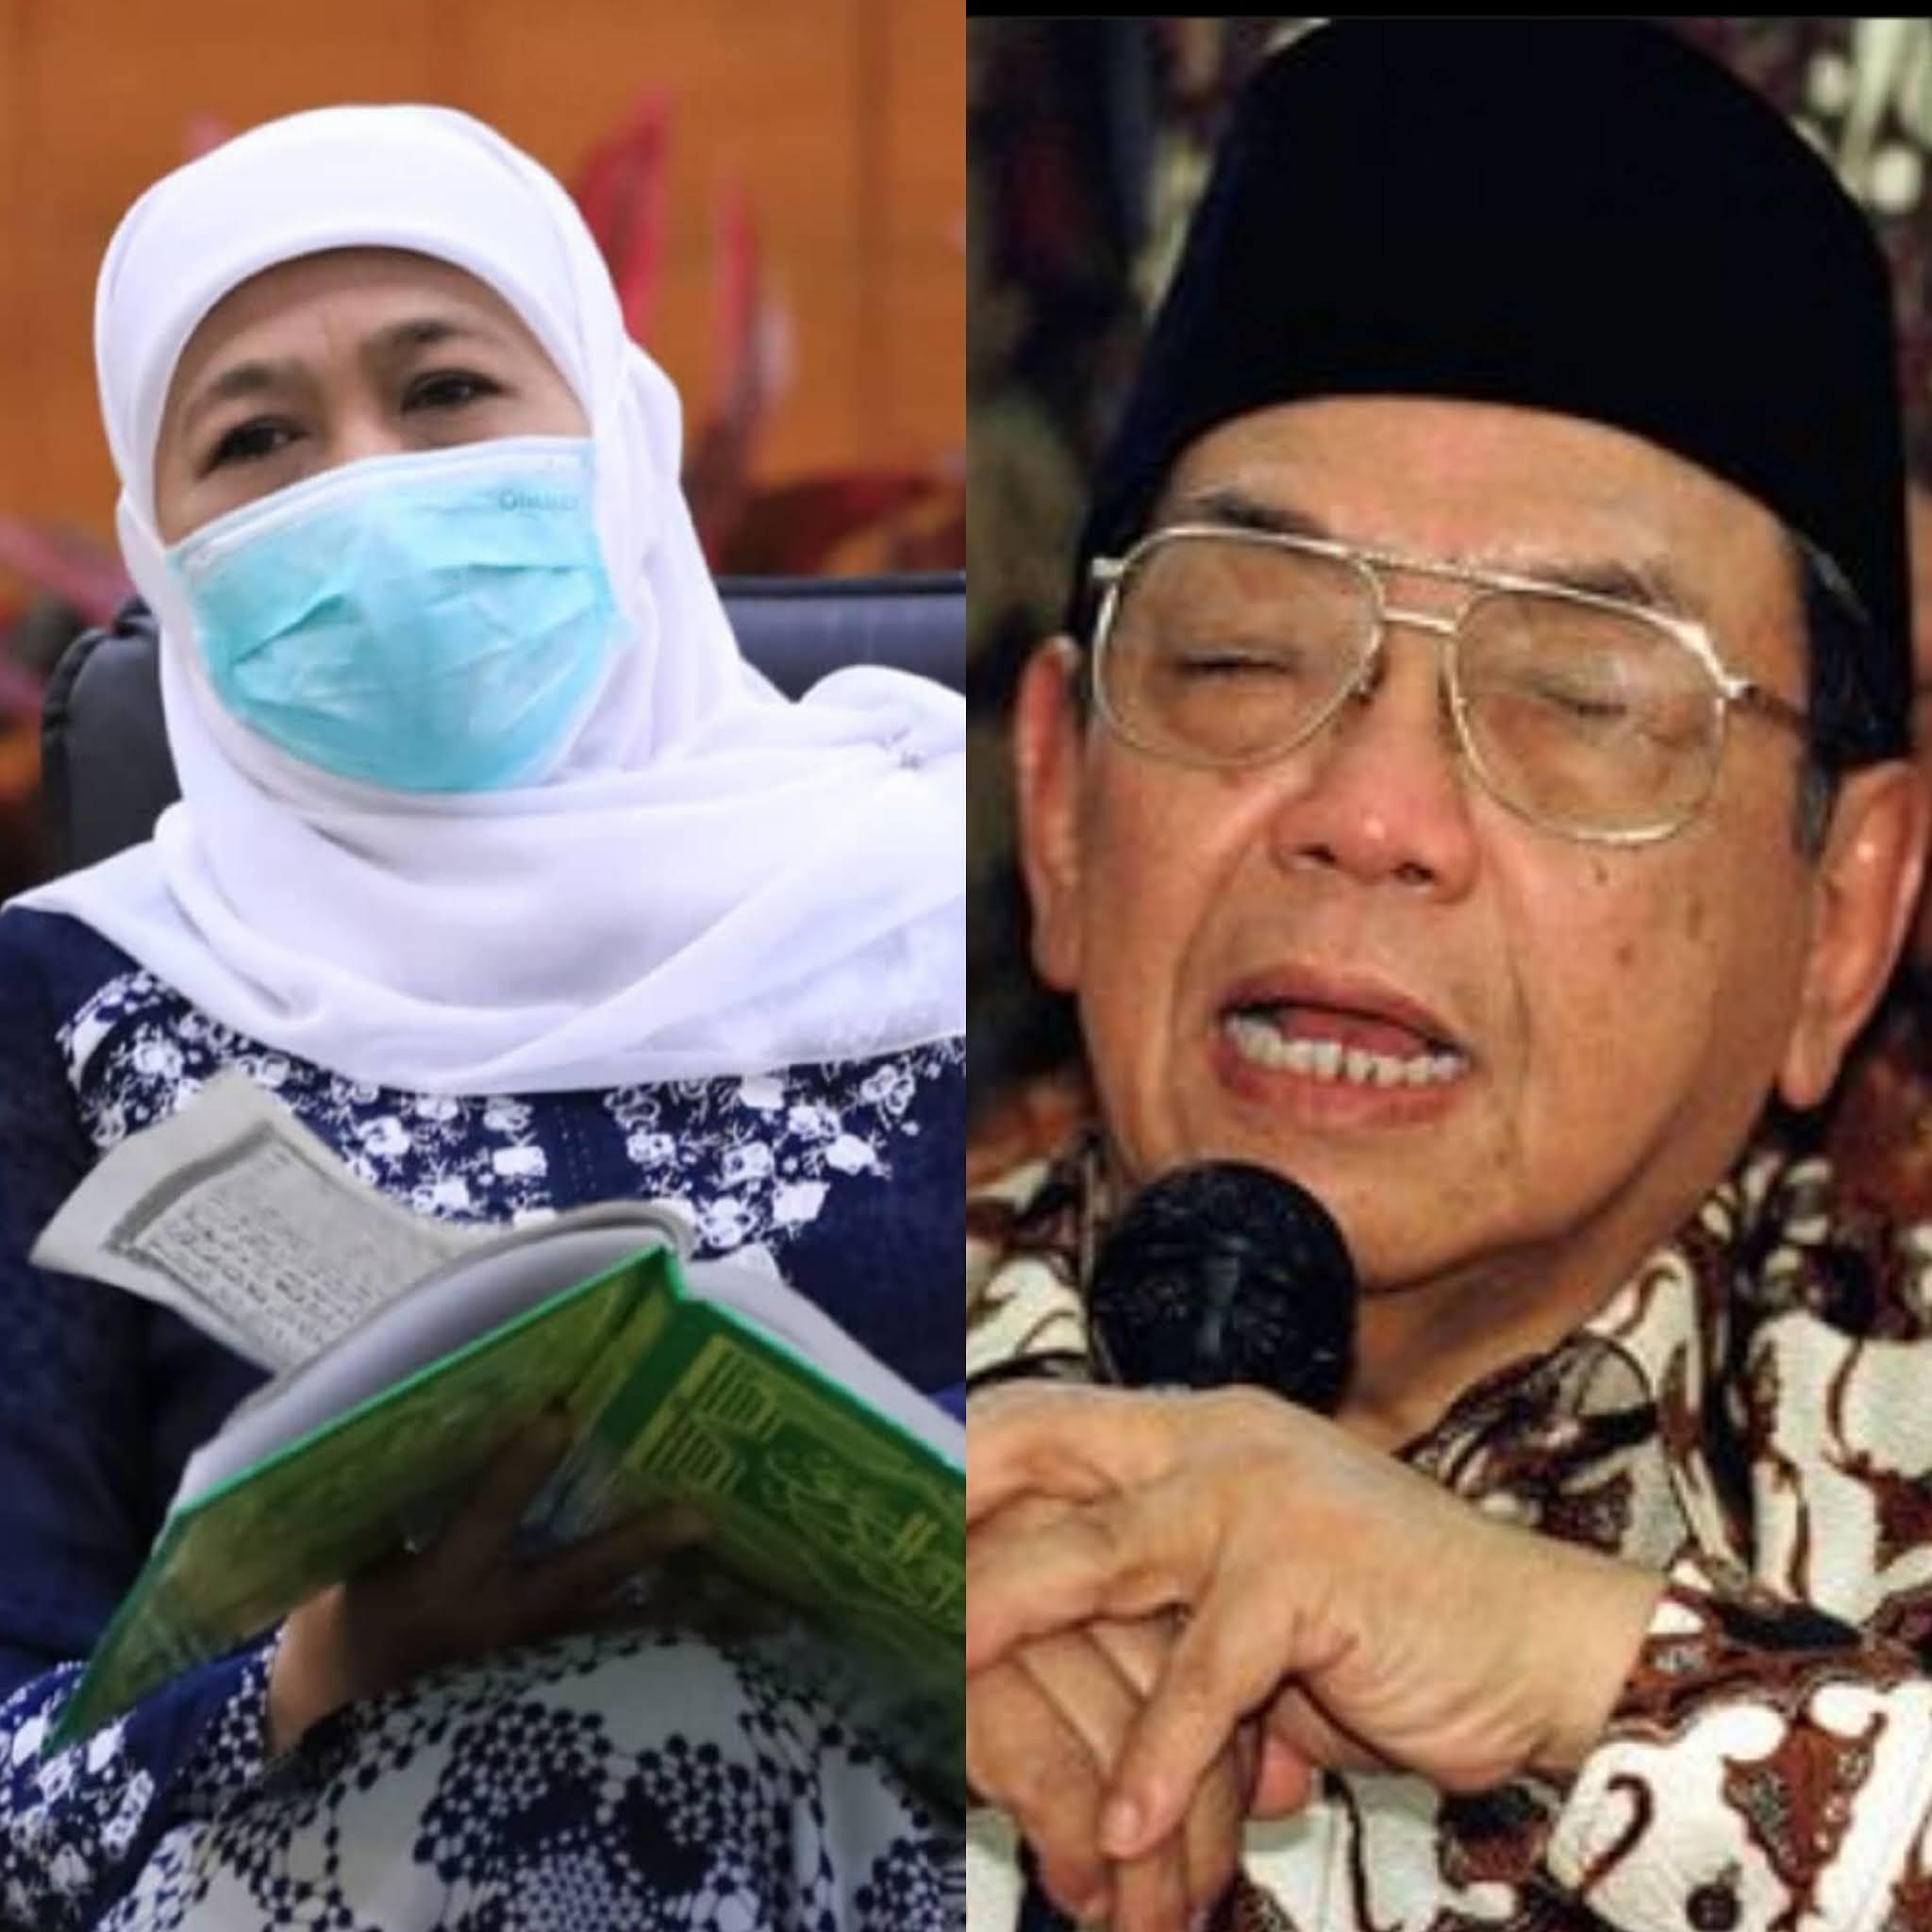 Subhanallah, Ternyata Inilah Isi Wasiat Almarhum Gus Dur yang Dibongkar oleh Gubernur Jawa Timur